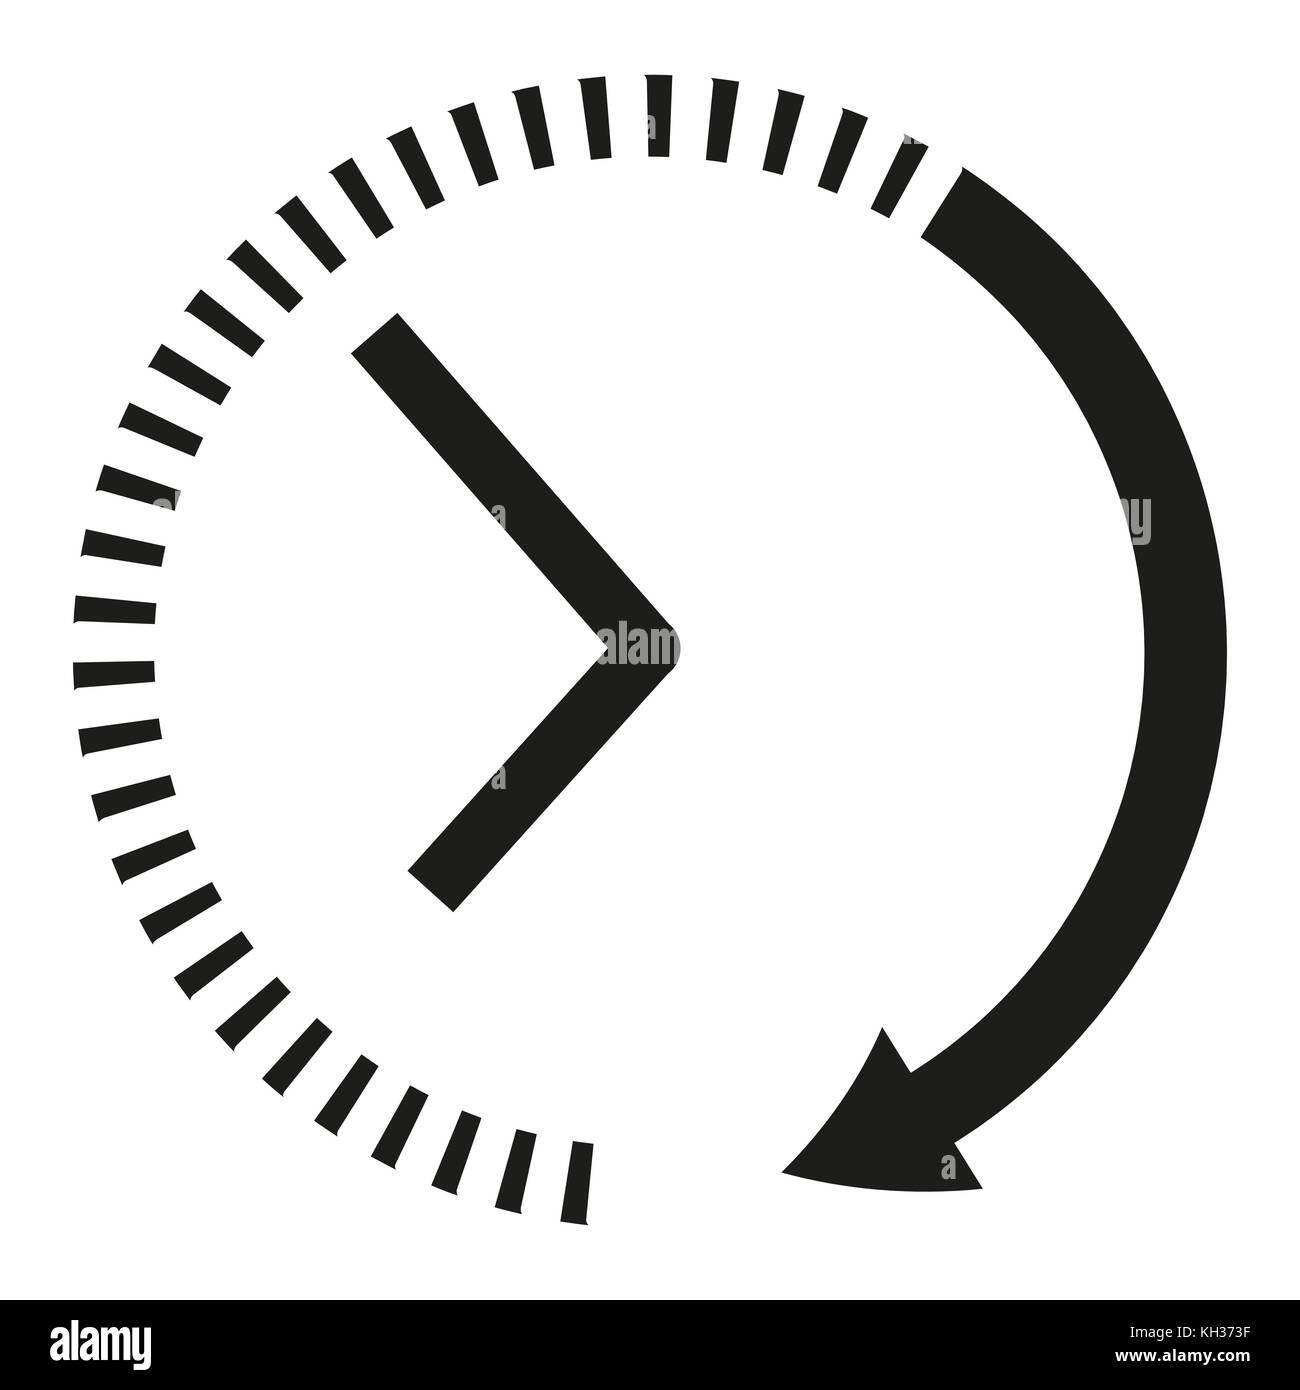 symbol uhr schwarze und weisse uhr pfeile vektor abbildung bild 165413907 alamy. Black Bedroom Furniture Sets. Home Design Ideas